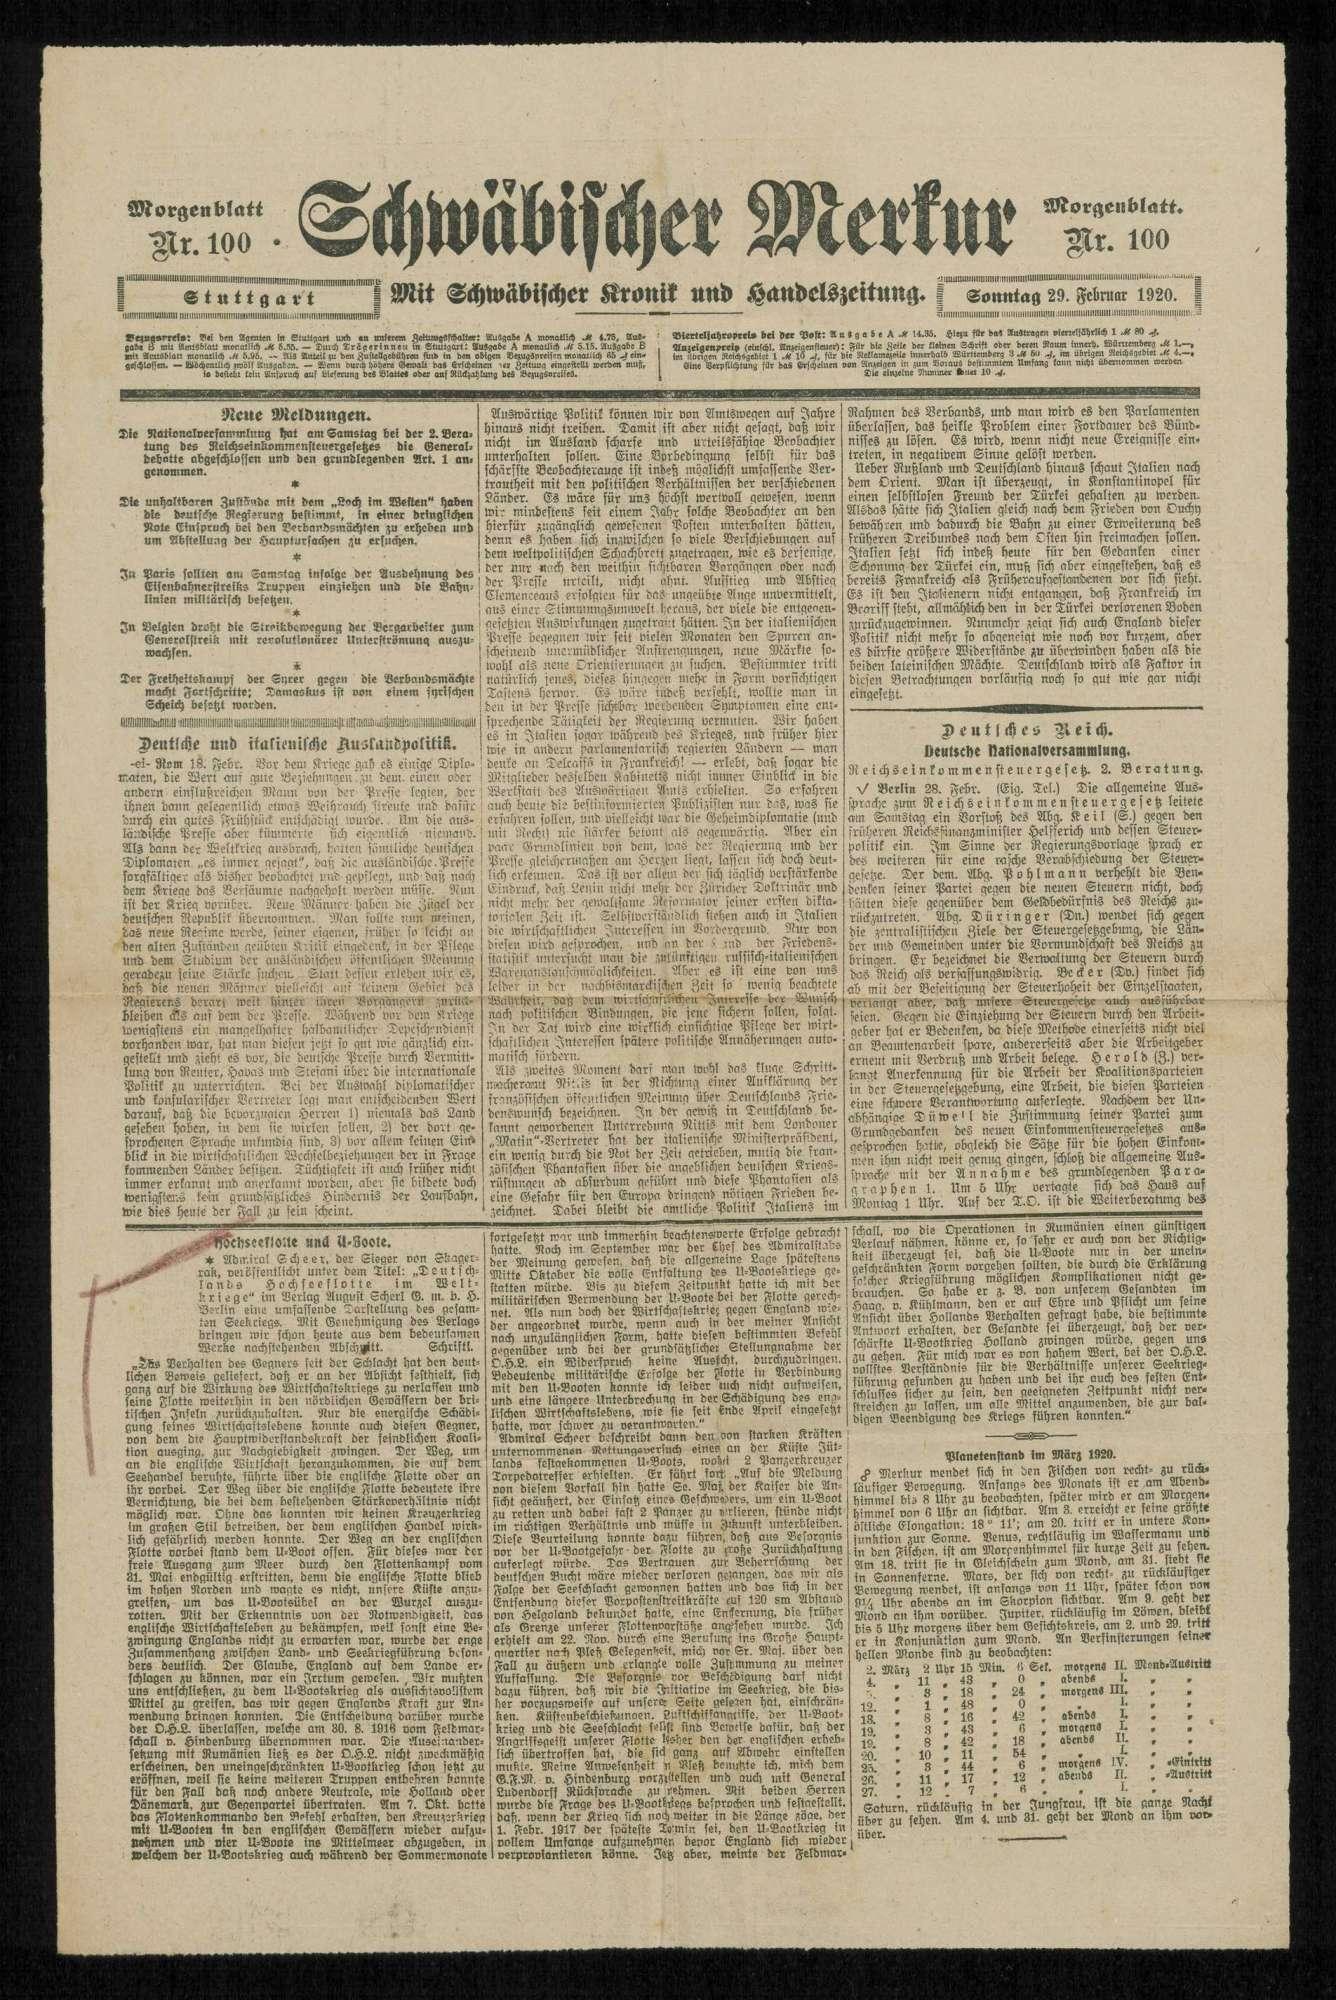 Der U-Boot-Krieg und der Kriegseintritt Amerikas. Zu den Erinnerungen an Tirpitz. Zeitungsartikel, Bild 1